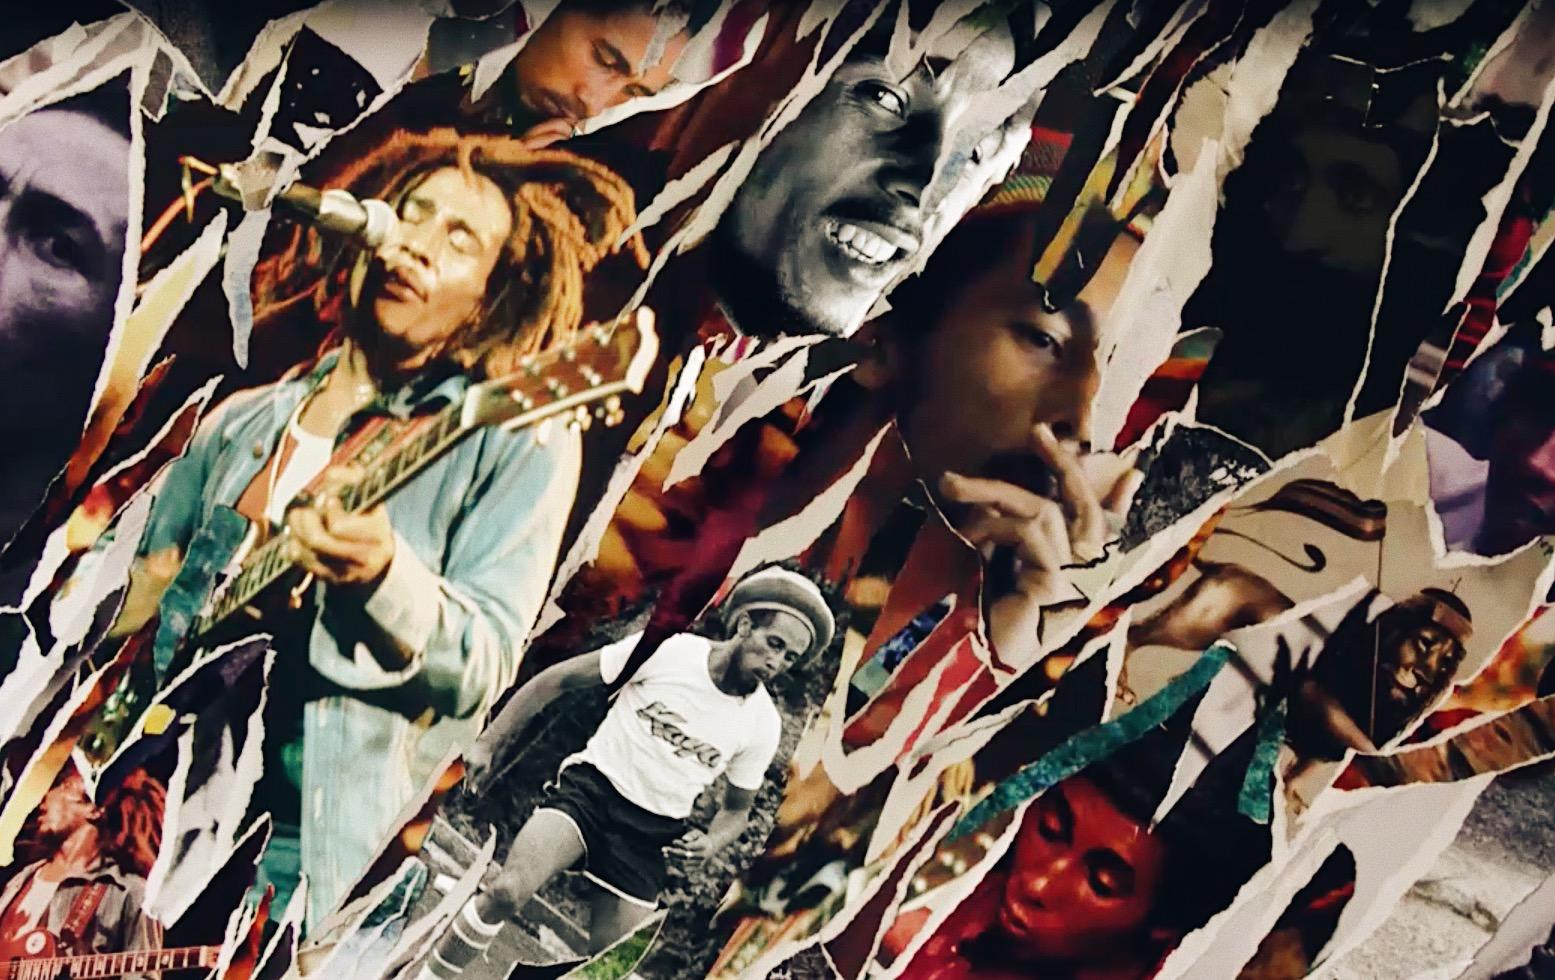 Auch fast 40 Jahre nach seinem Tod sind viele von Bob Marleys Songs weltberühmt. Seine Musik ist immer wieder überall dort zu hören, wo sich politischer Protest formiert. Seine Fan-Gemeinde ist Zeugnis einer musikalischen Botschaft, die Menschen auf der ganzen Welt zu einen vermag. Der faszinierende Film schafft ein tieferes Verständnis für einen außergewöhnlichen Künstler.